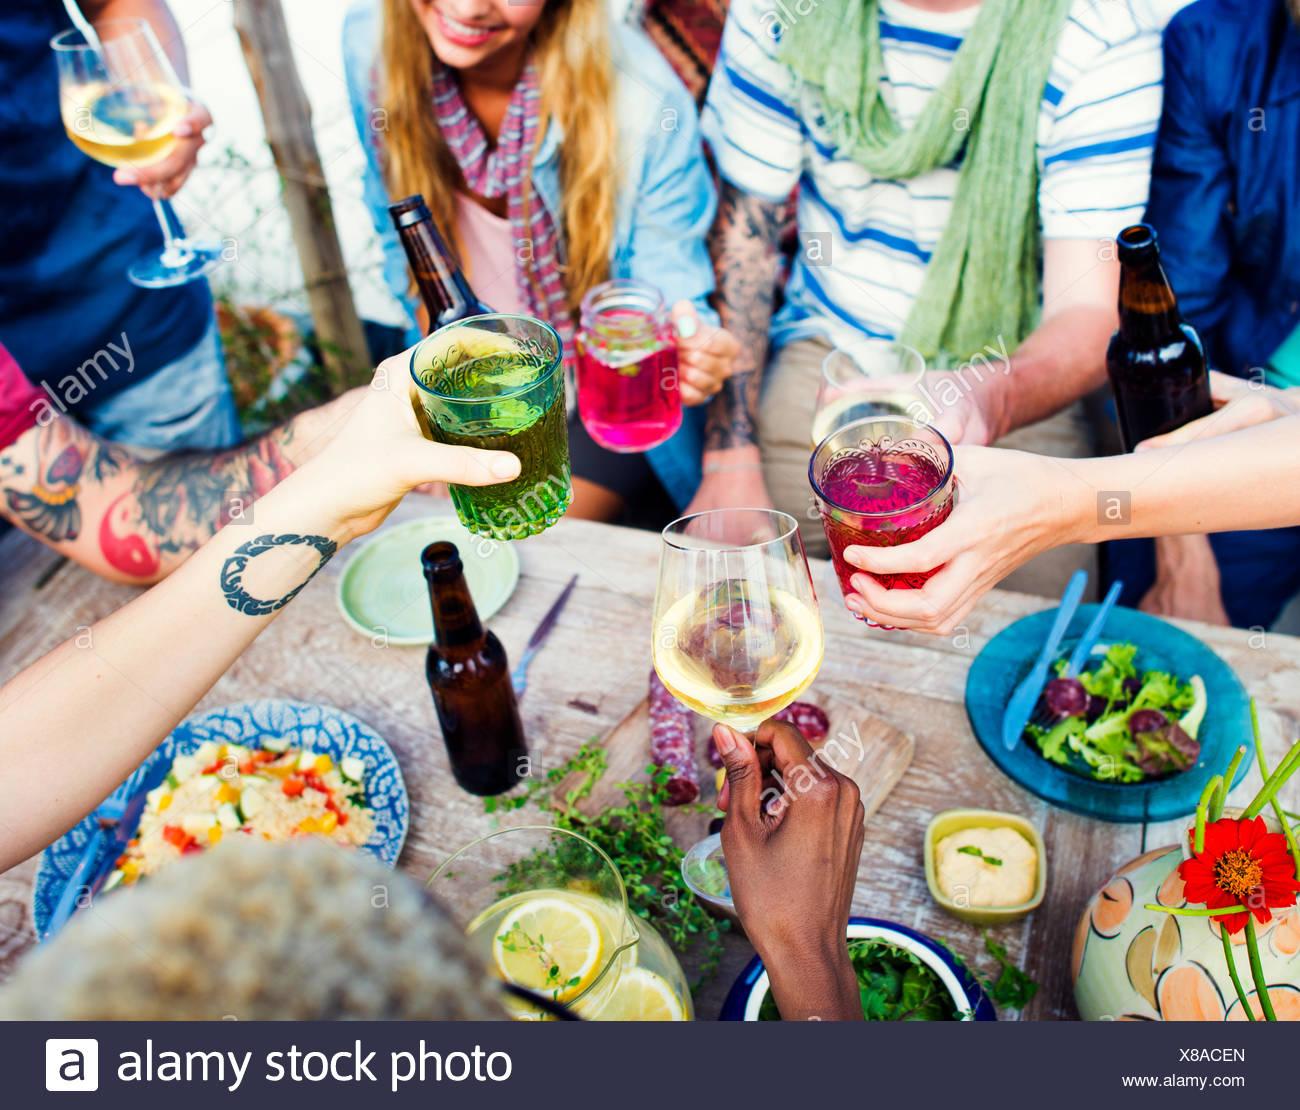 Etnie amicizia Party Tempo Libero Concetto di felicità Immagini Stock